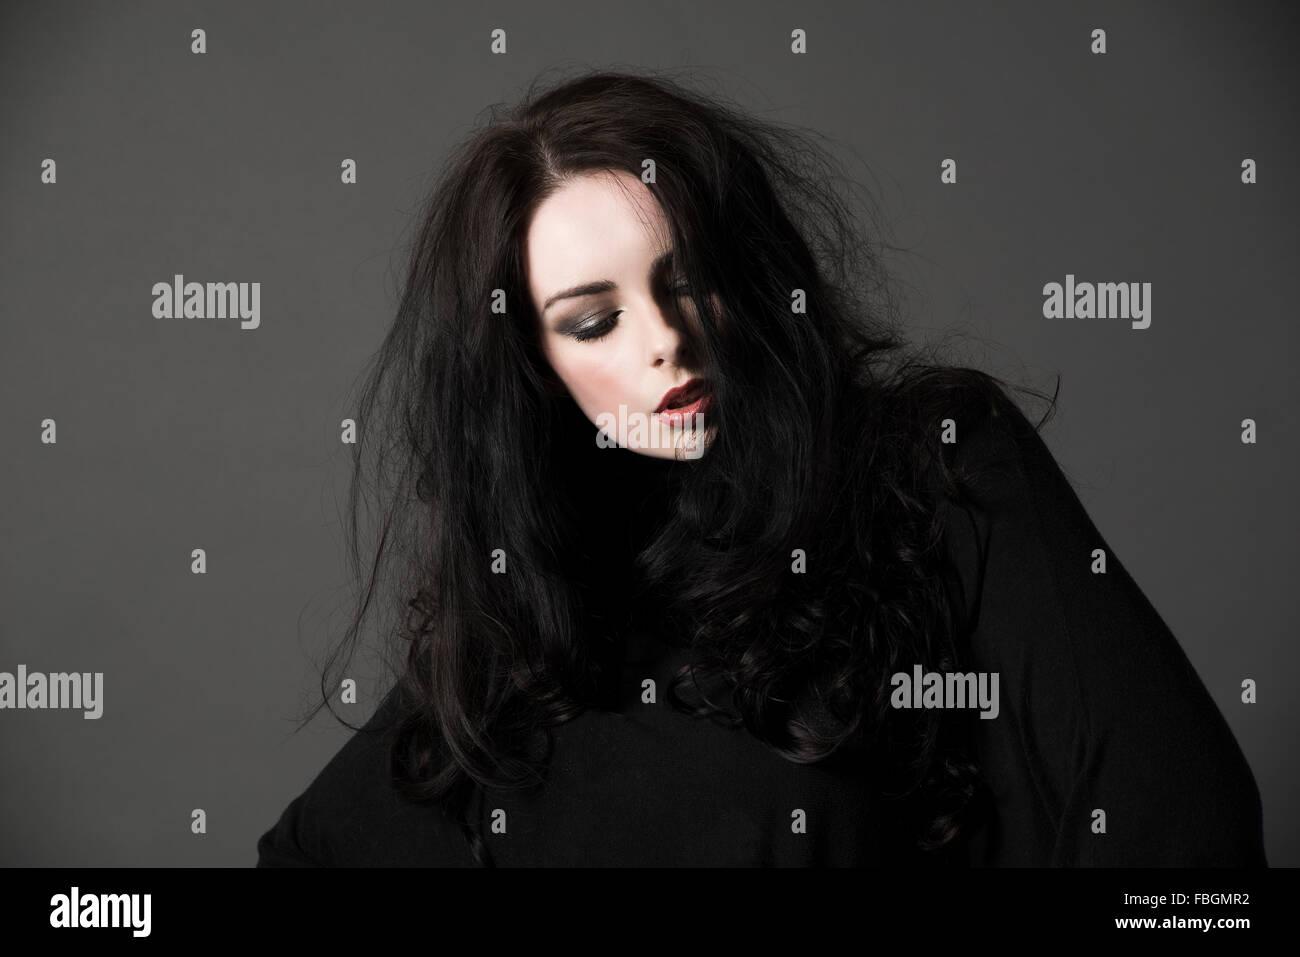 Moda Mujer hermosa modelo vertical con el cabello oscuro